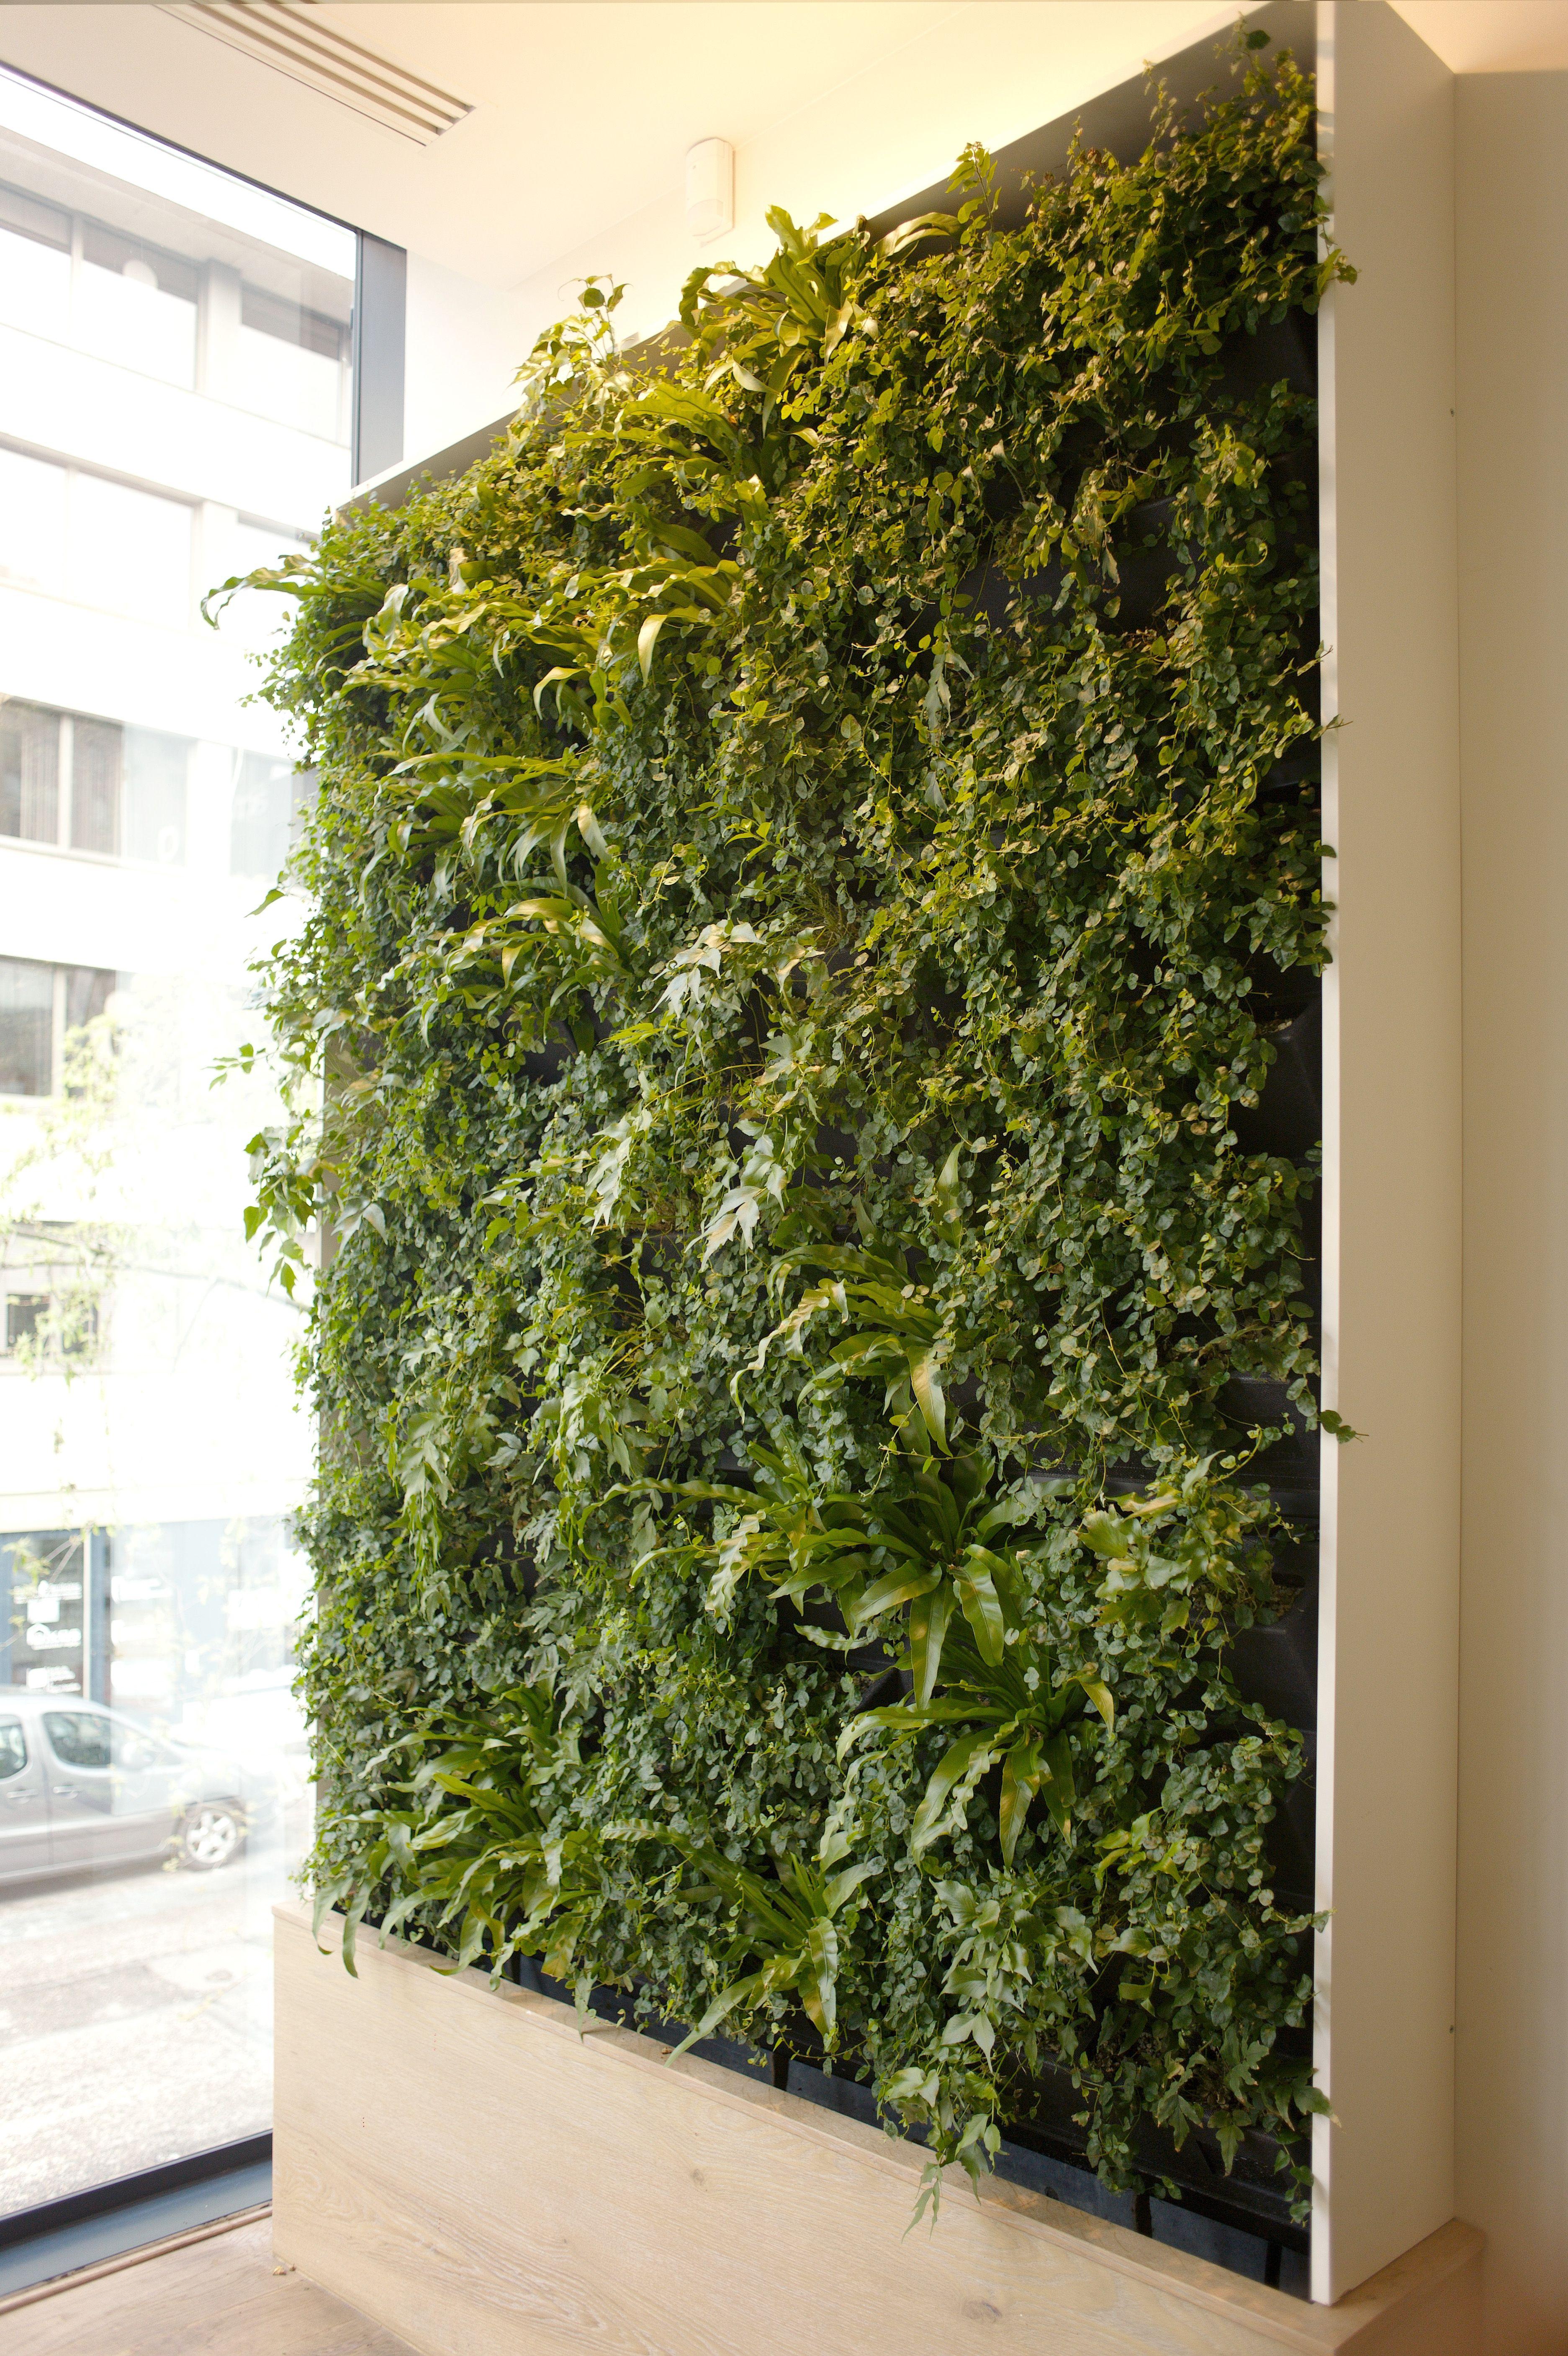 interior green wall vertiss textures pinterest mur vegetal mur v g tal int rieur et vegetal. Black Bedroom Furniture Sets. Home Design Ideas